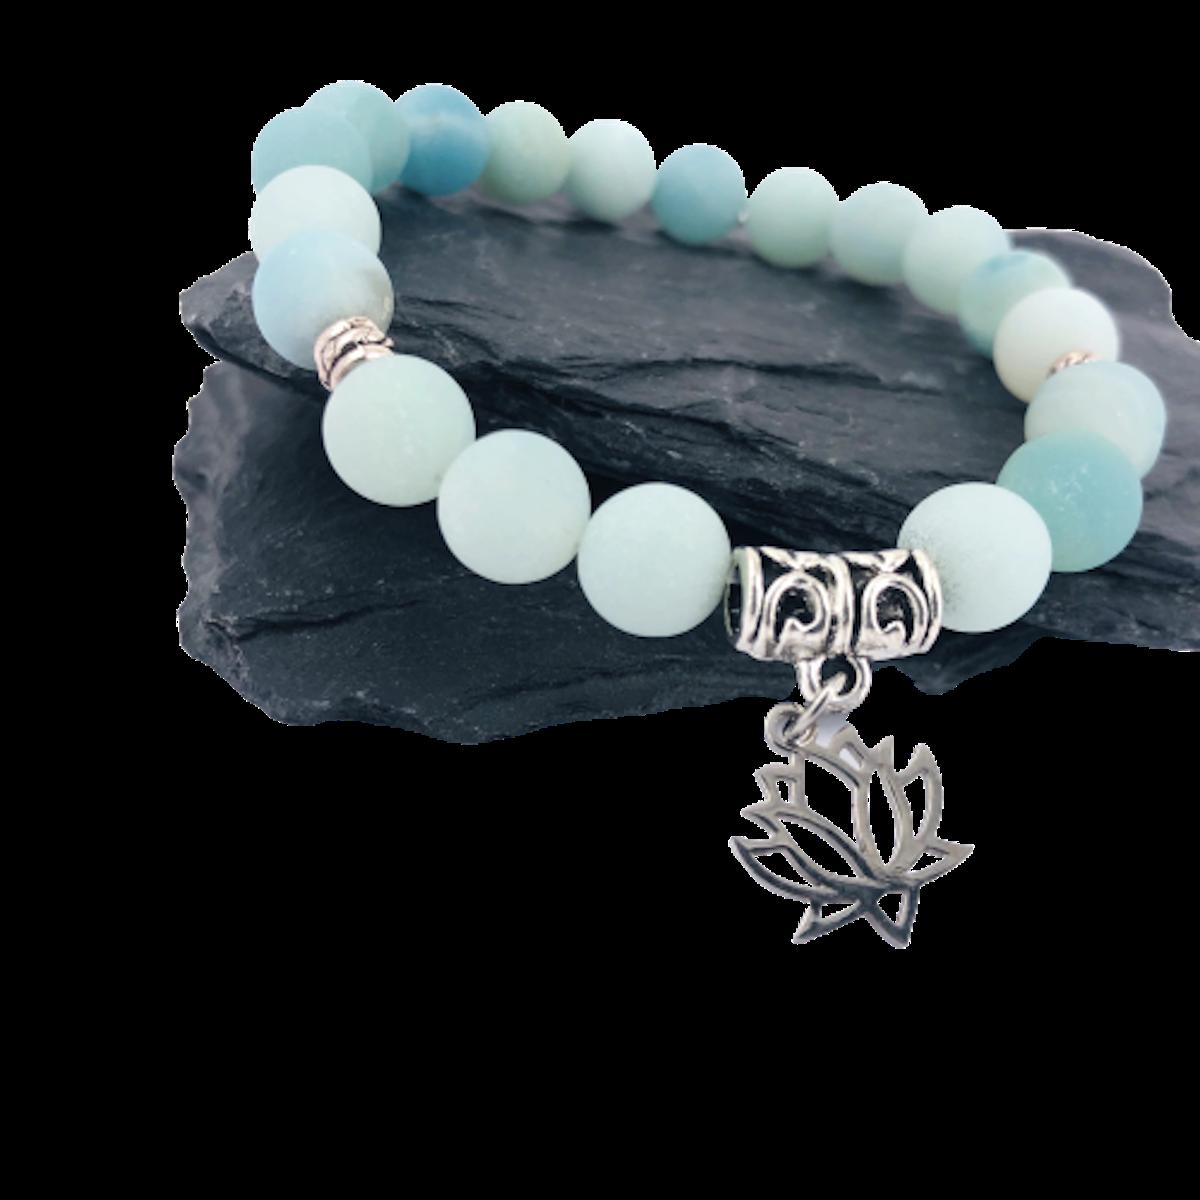 bracelet collection douceur de vivre amazonite equilibre boule 8 mm pierres du monde vosges 1 removebg preview copie 2